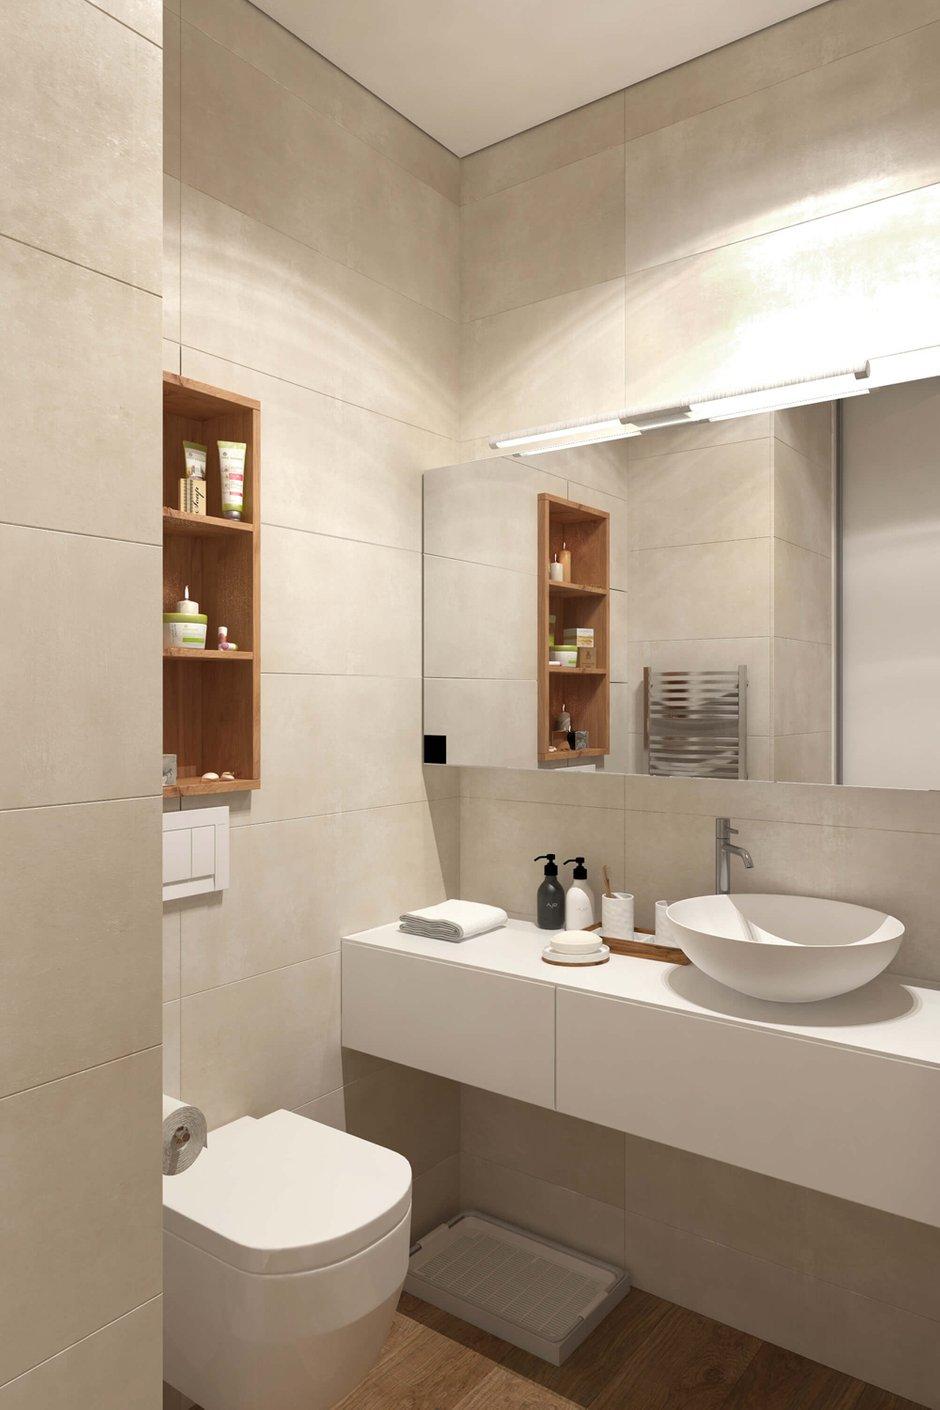 Фотография: Ванная в стиле Современный, Квартира, Проект недели, Geometrium – фото на InMyRoom.ru